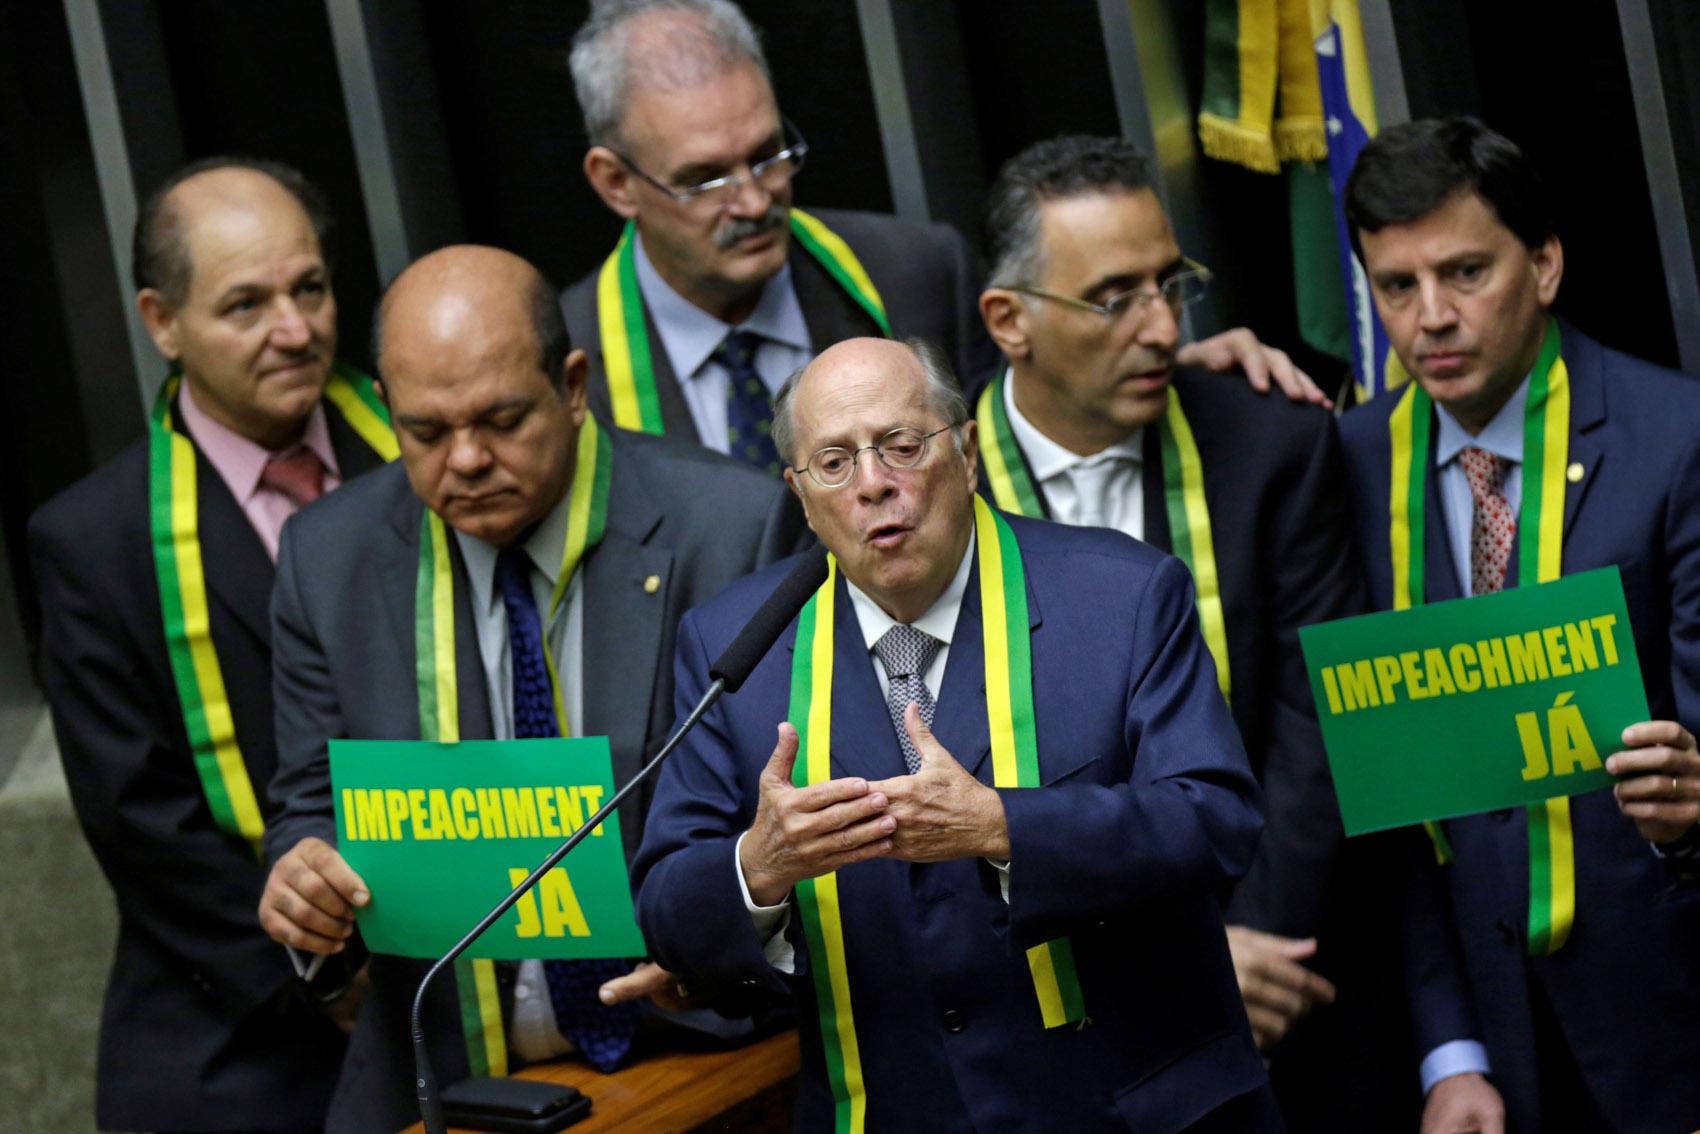 15/04 - O Jurista Miguel Reale Jr. discursa no plenário da Câmara dos Deputados, em Brasília